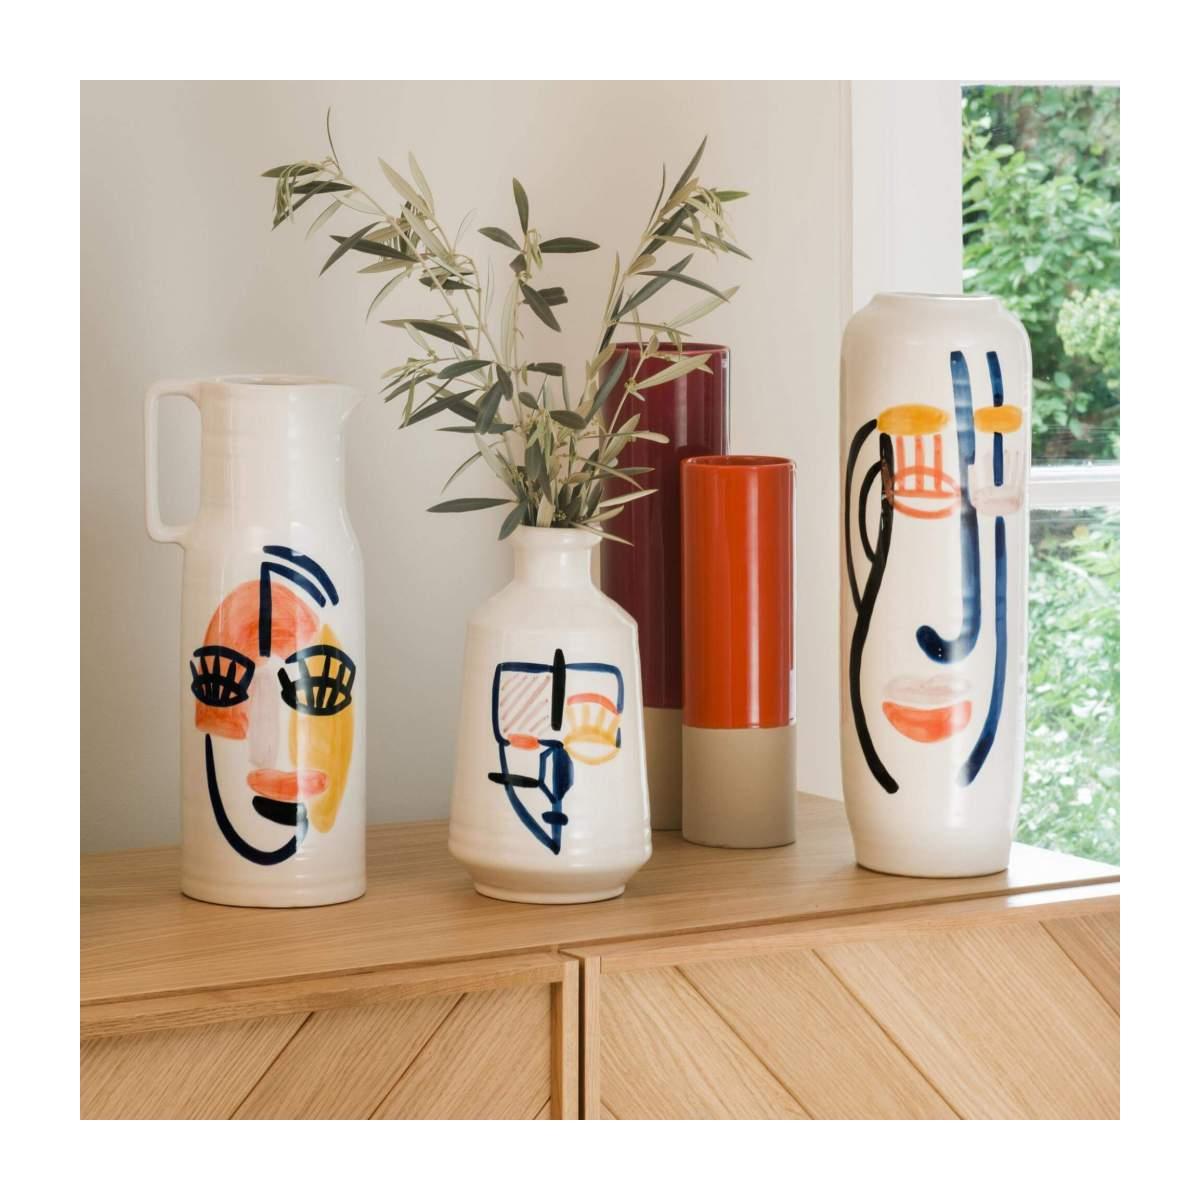 Tendances déco 2020-2021 : KtyL Décoratrice UFDI dans le Gard et le Vaucluse, présente les vases arty de chez Habitat